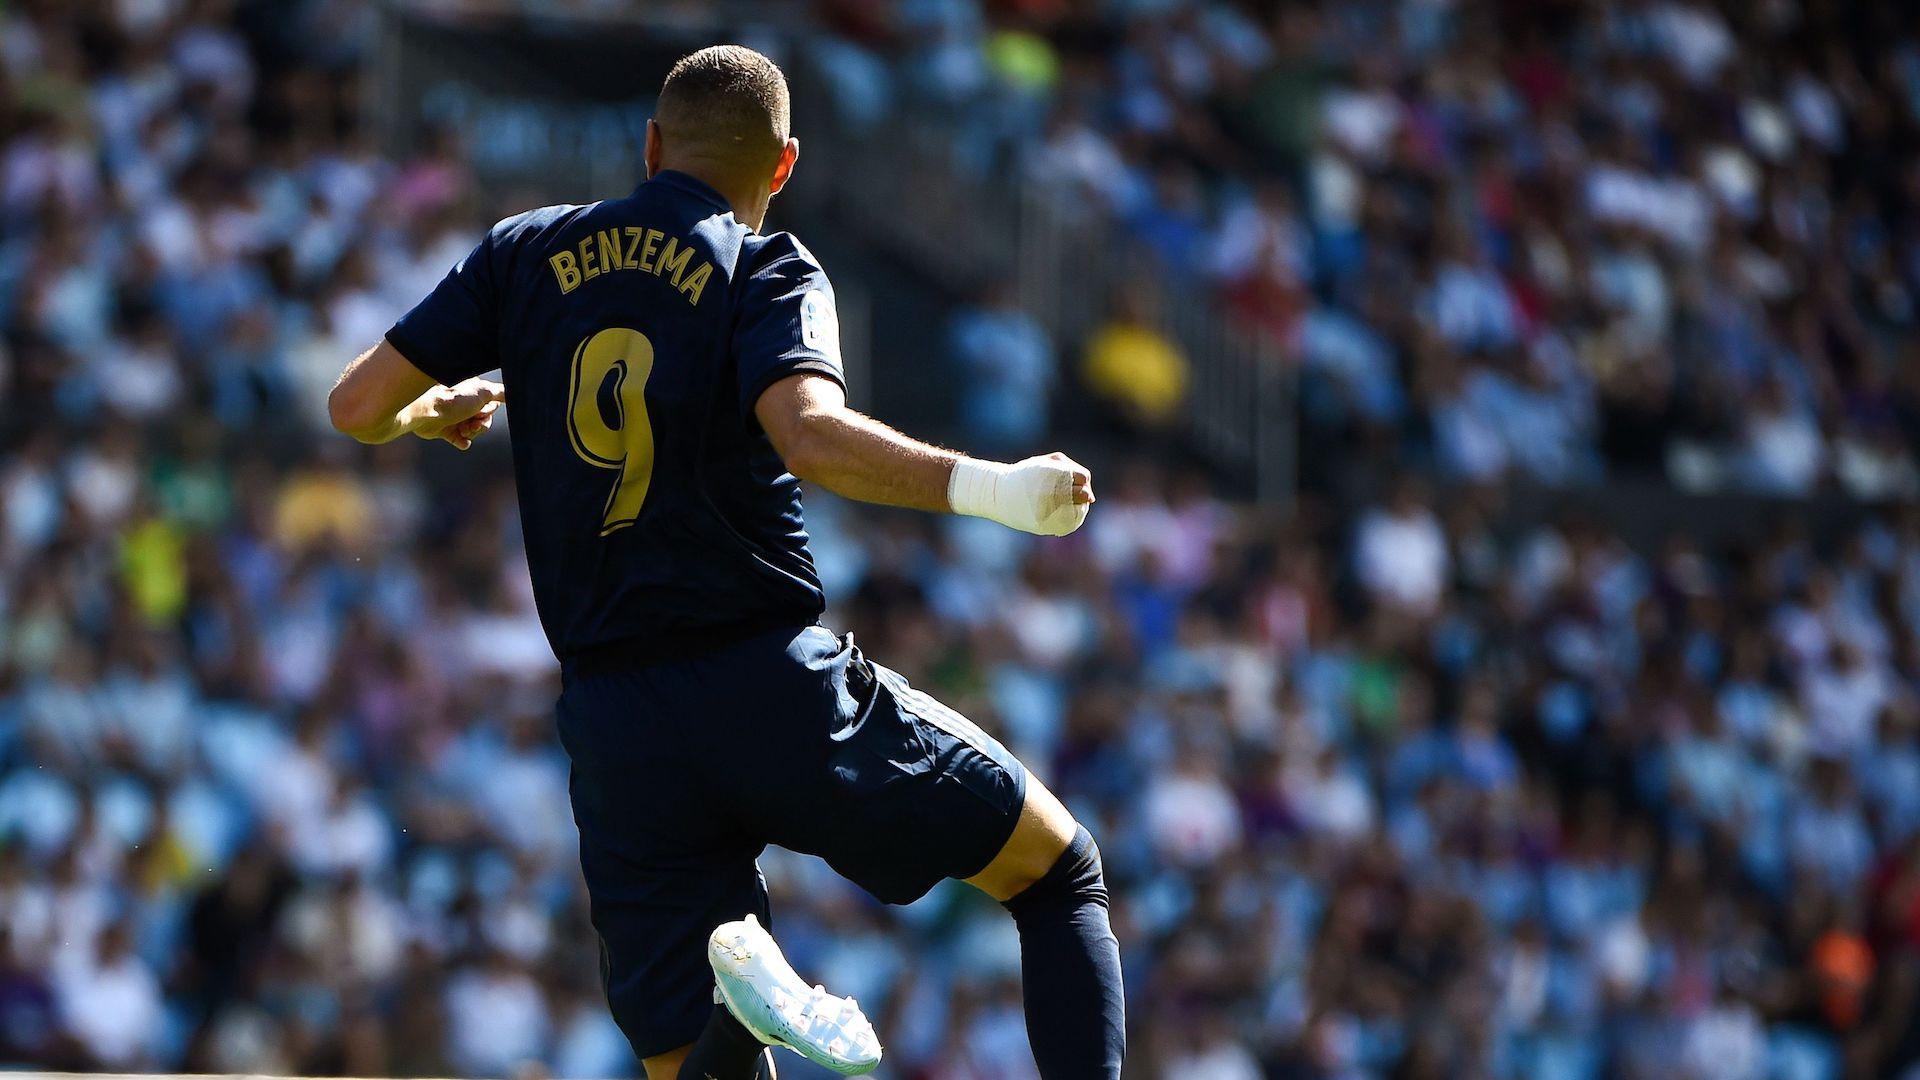 VIDÉO - Benzema ouvre son compteur buts avec le Real Madrid